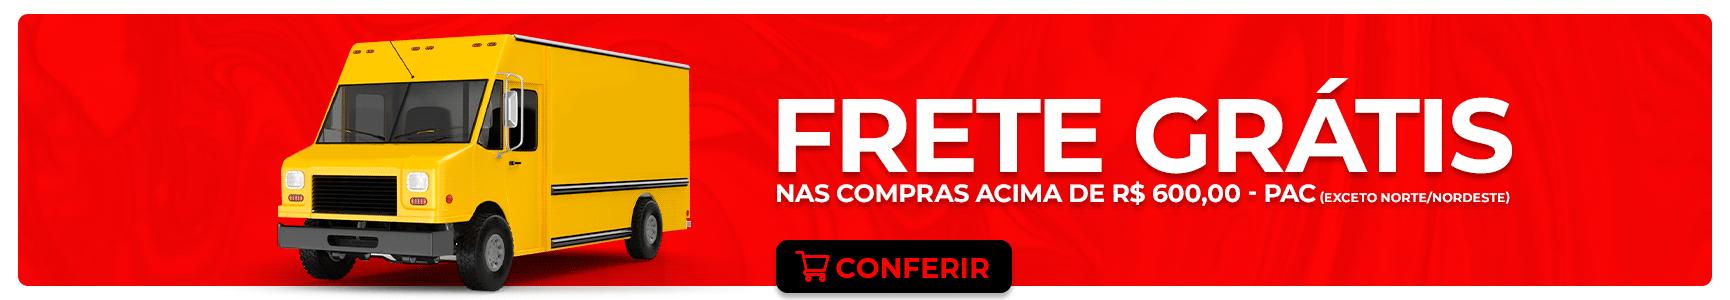 FRETE GRÁTIS XIFOZ!